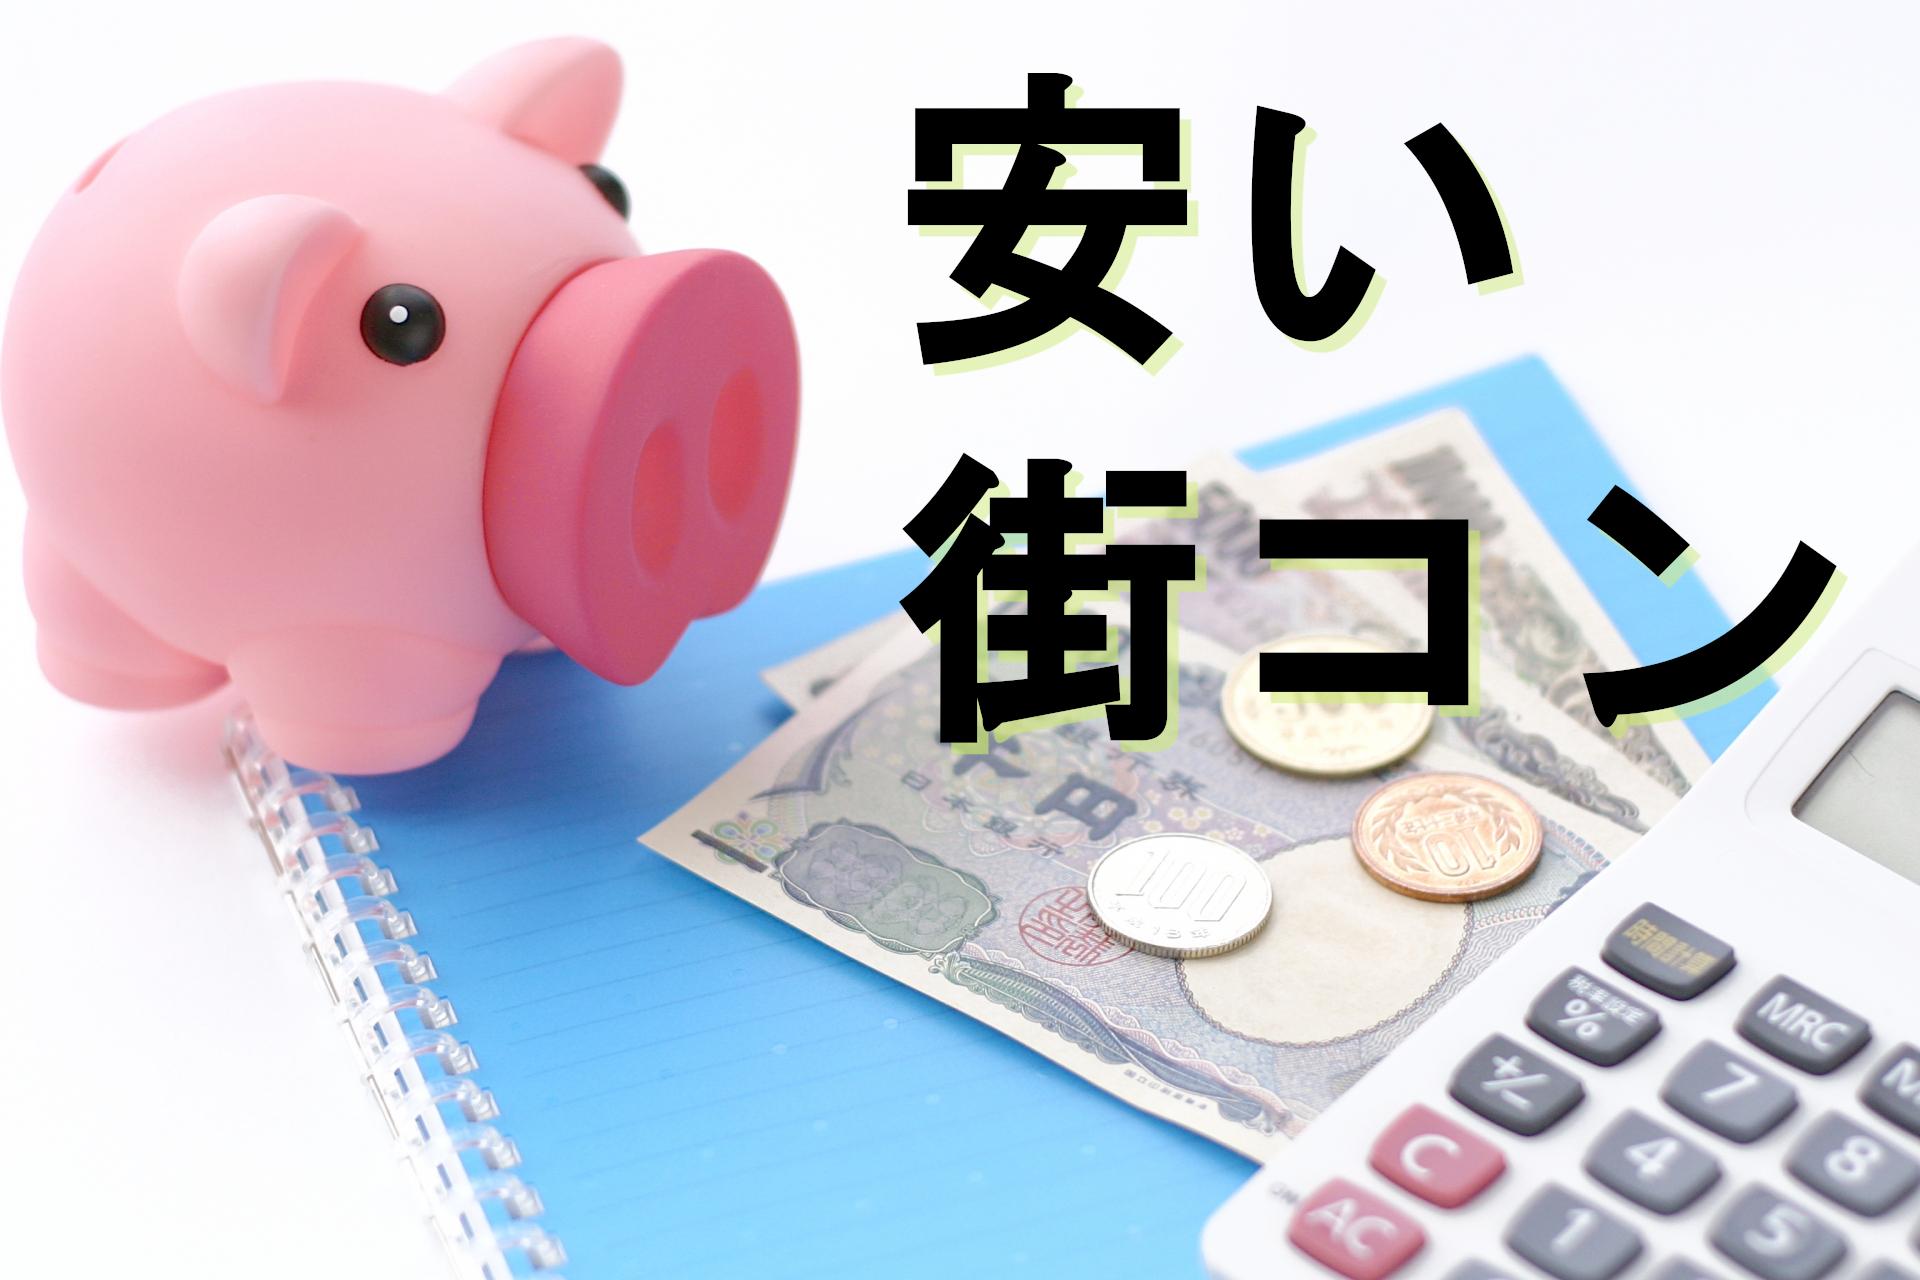 「安い街コン」と書かれたテキストと、お金と貯金箱